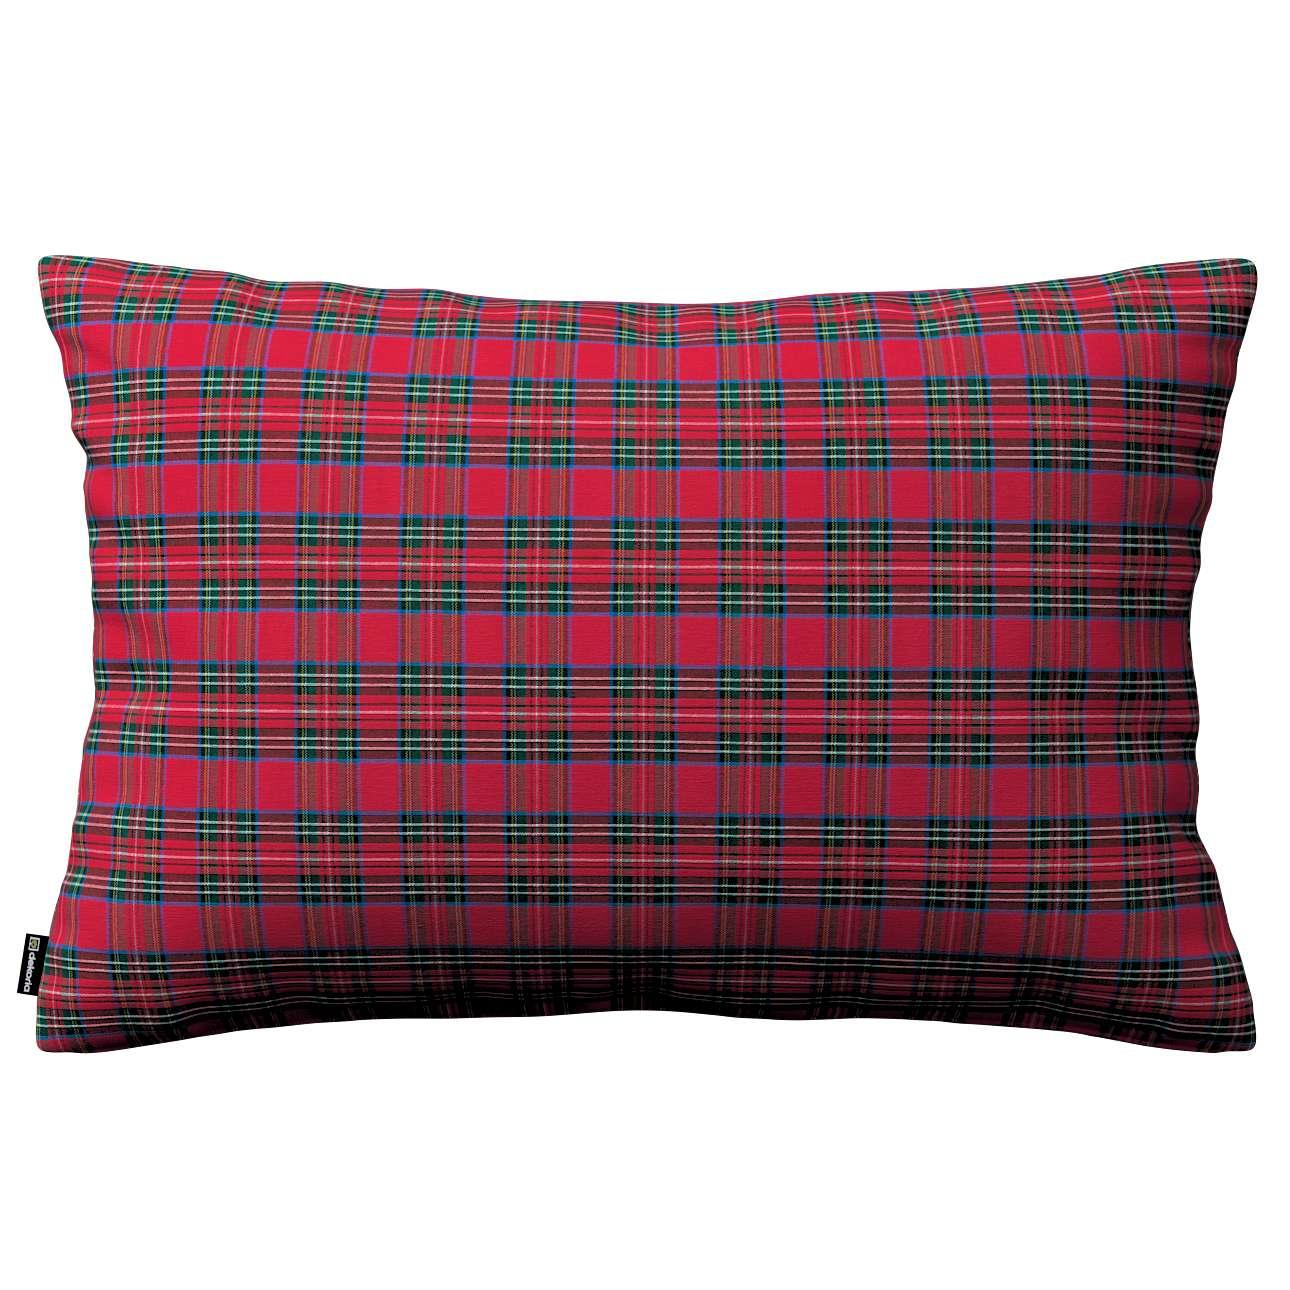 Poszewka Kinga na poduszkę prostokątną 60 x 40 cm w kolekcji Bristol, tkanina: 126-29